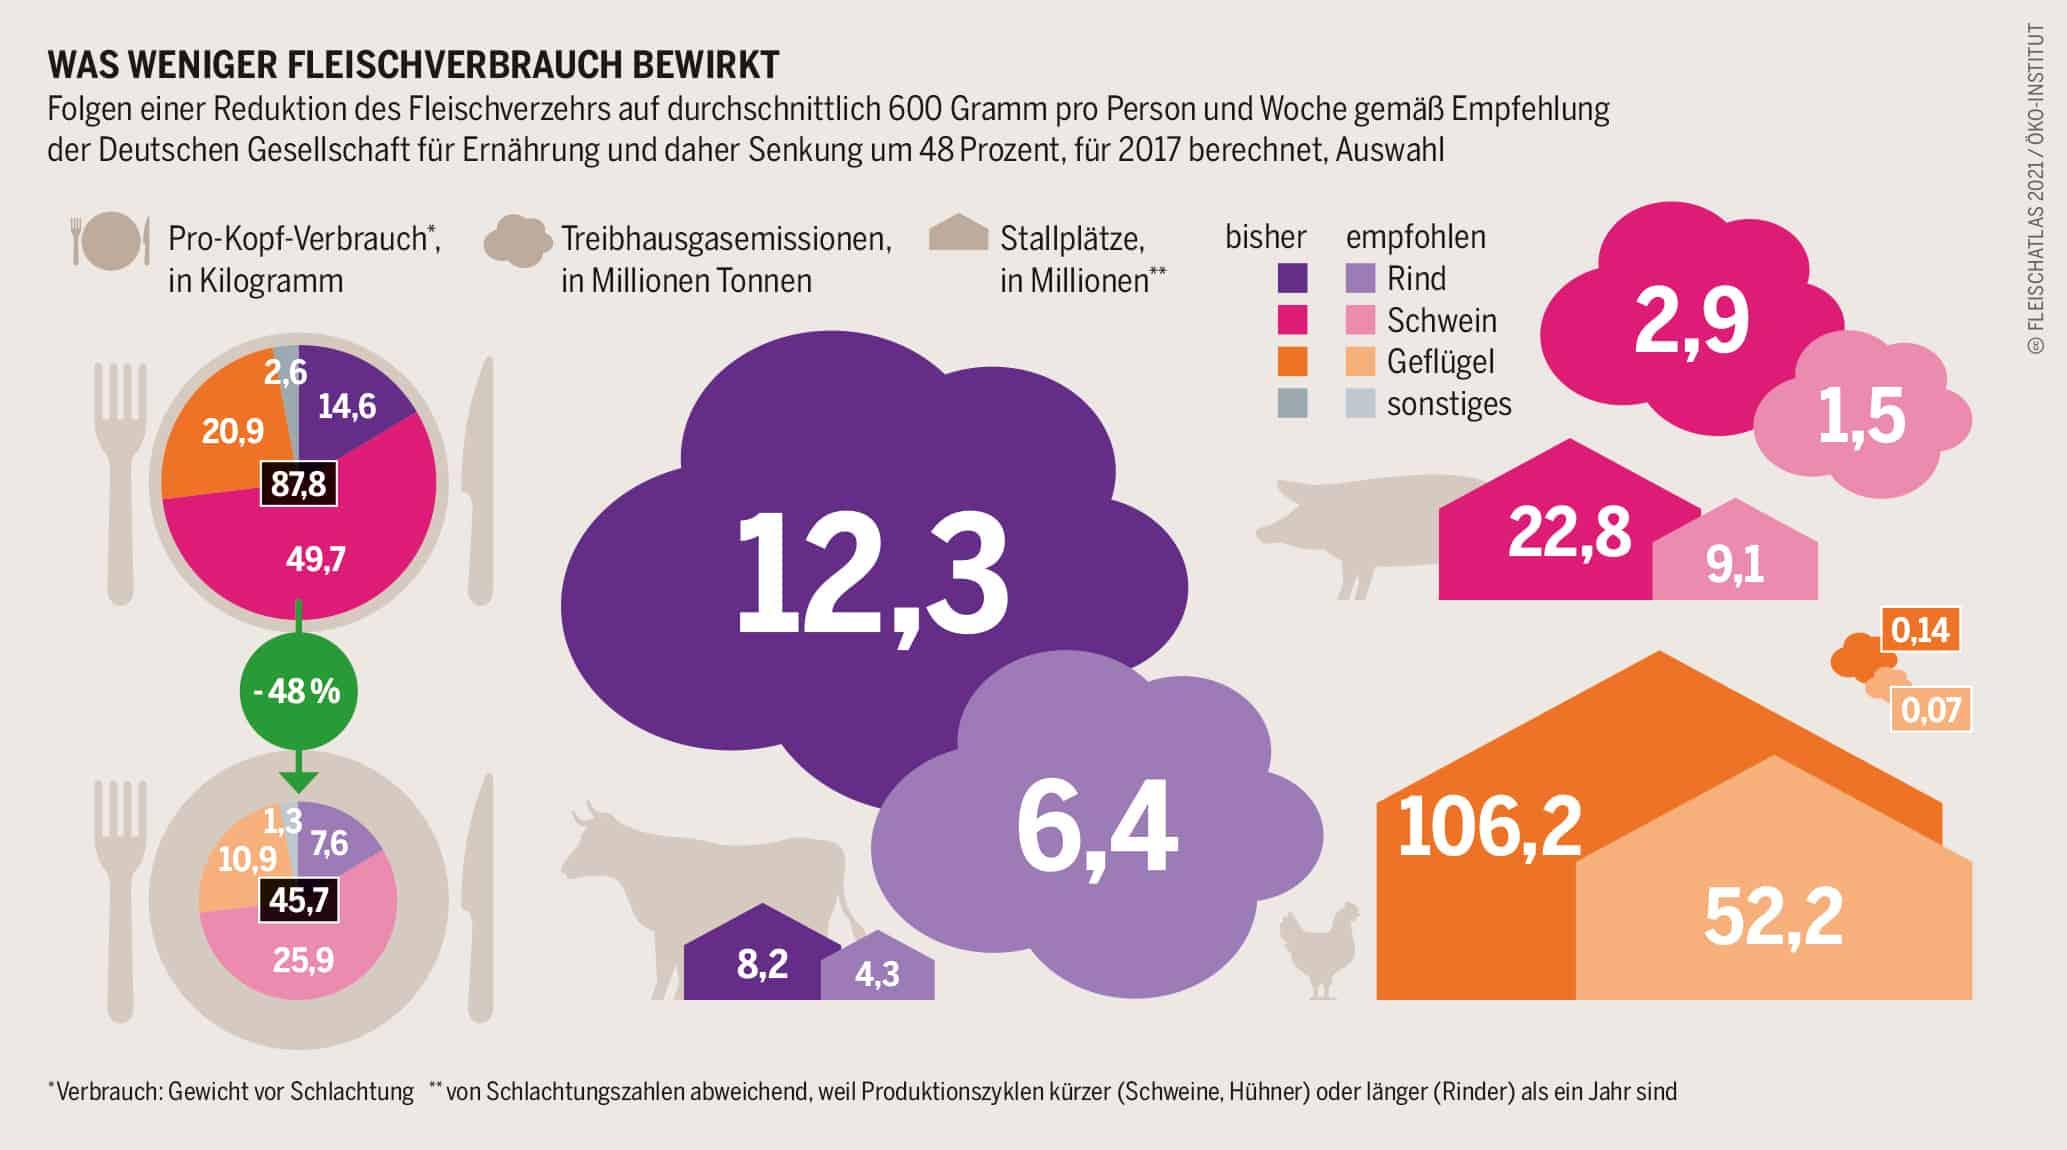 Reduktion des Fleischkonsum und Auswirkungen auf die Umwelt